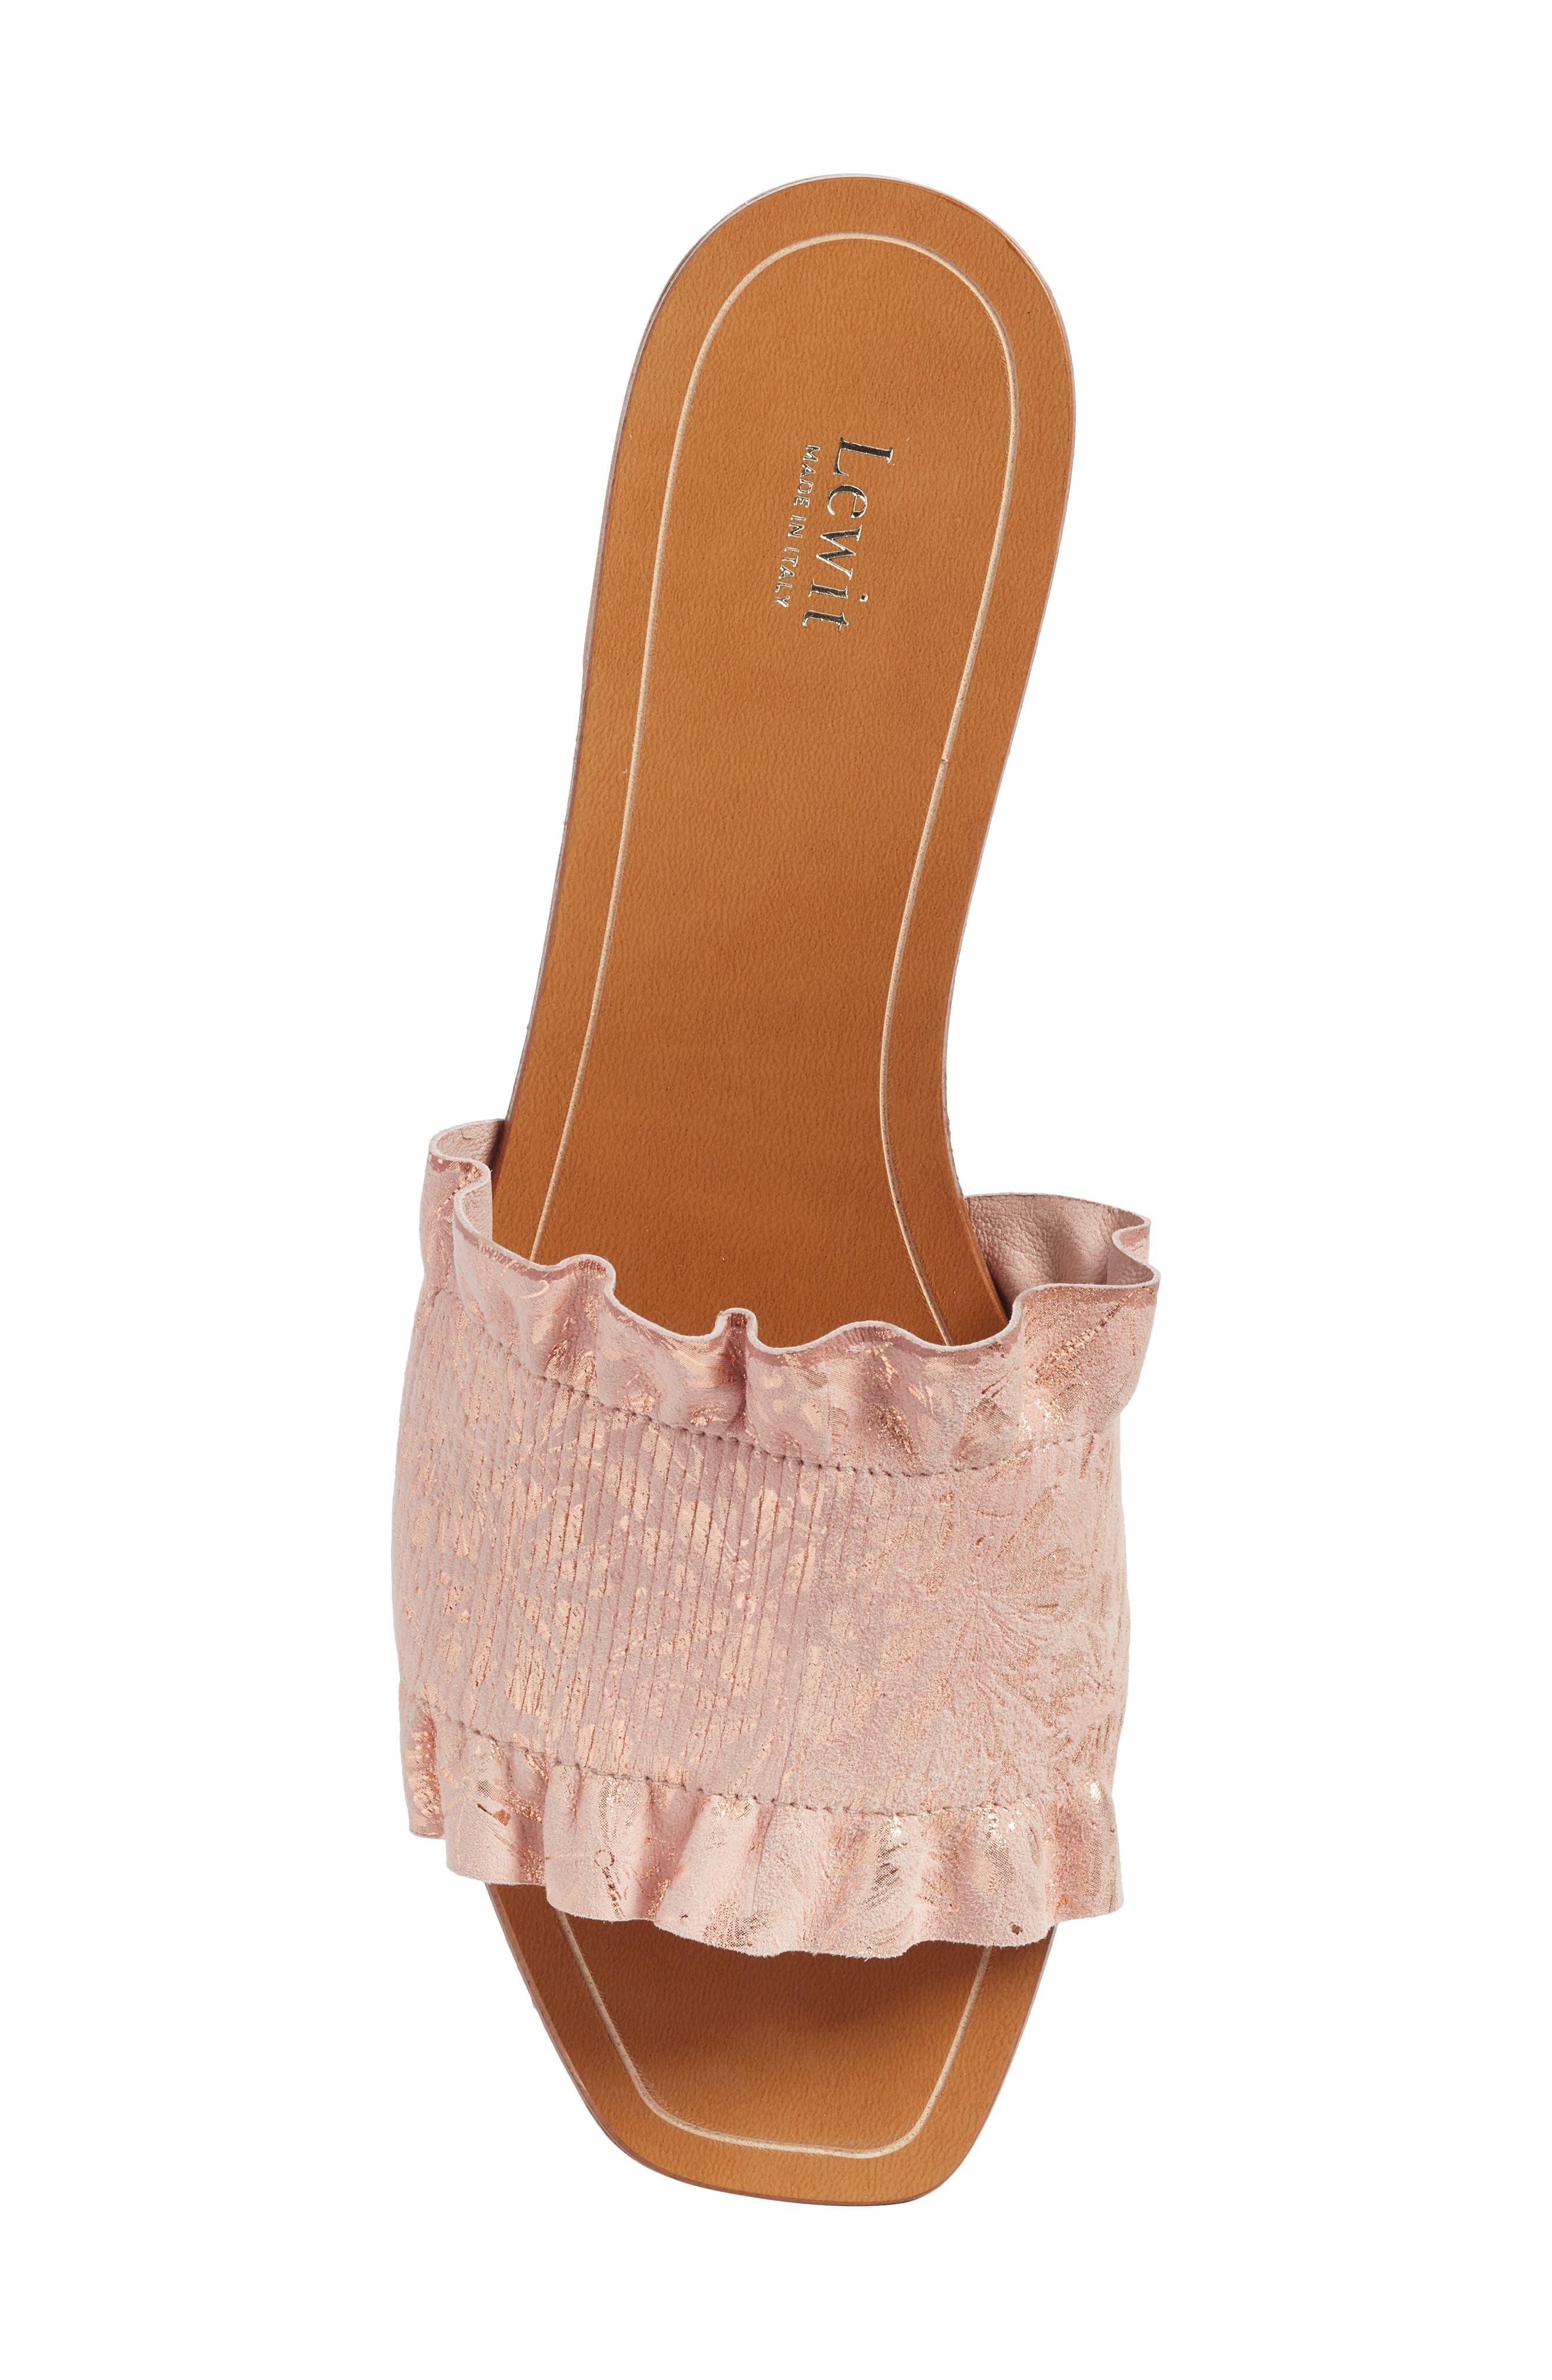 Cassandra Ruffle Slide Sandal,                             Alternate thumbnail 5, color,                             Rose Gold Leather